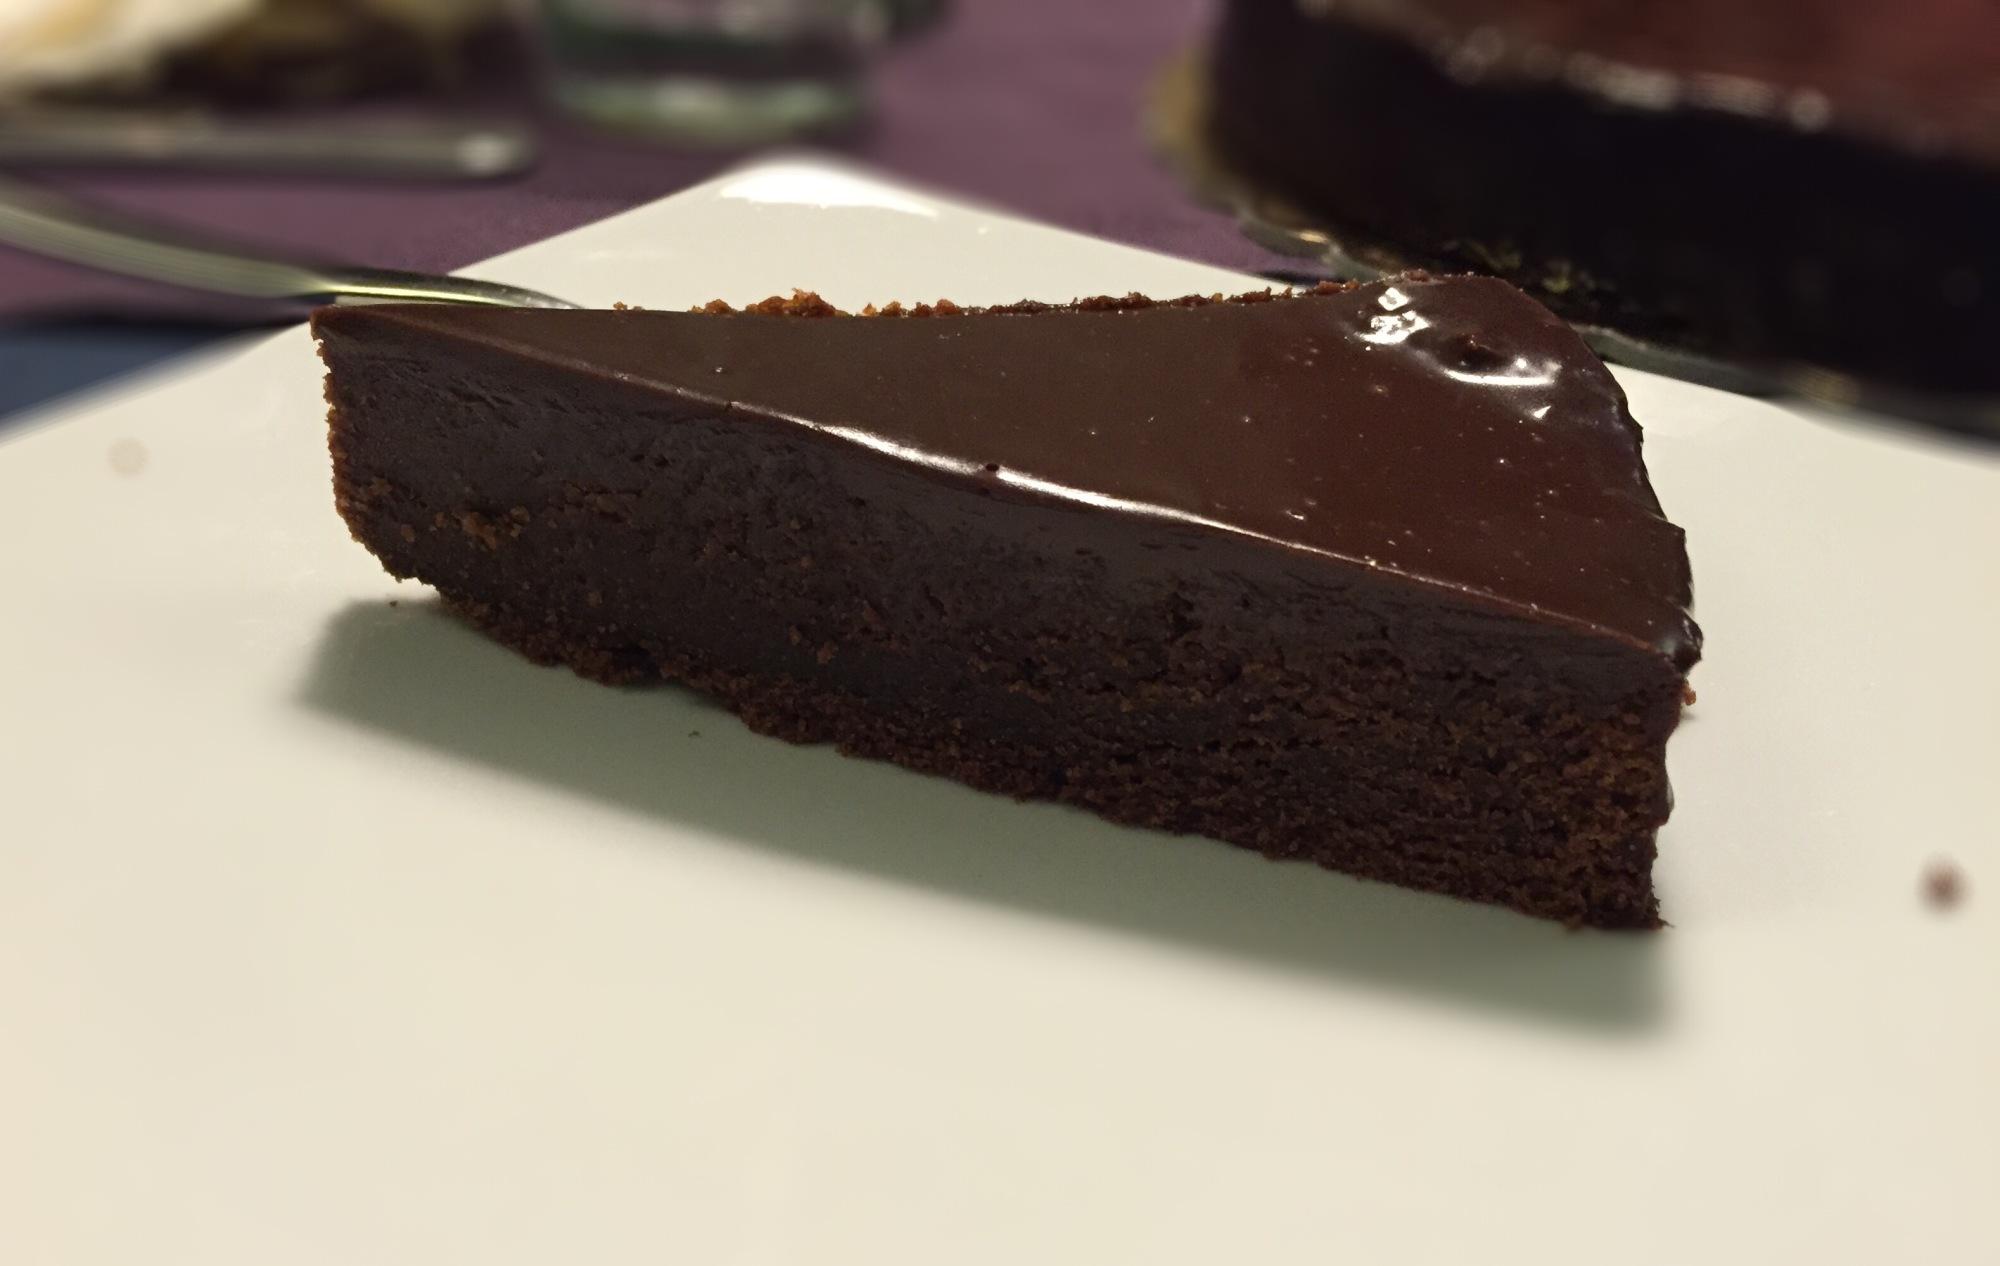 Mud cake – torta di fango | Pirottini e Leccapentole